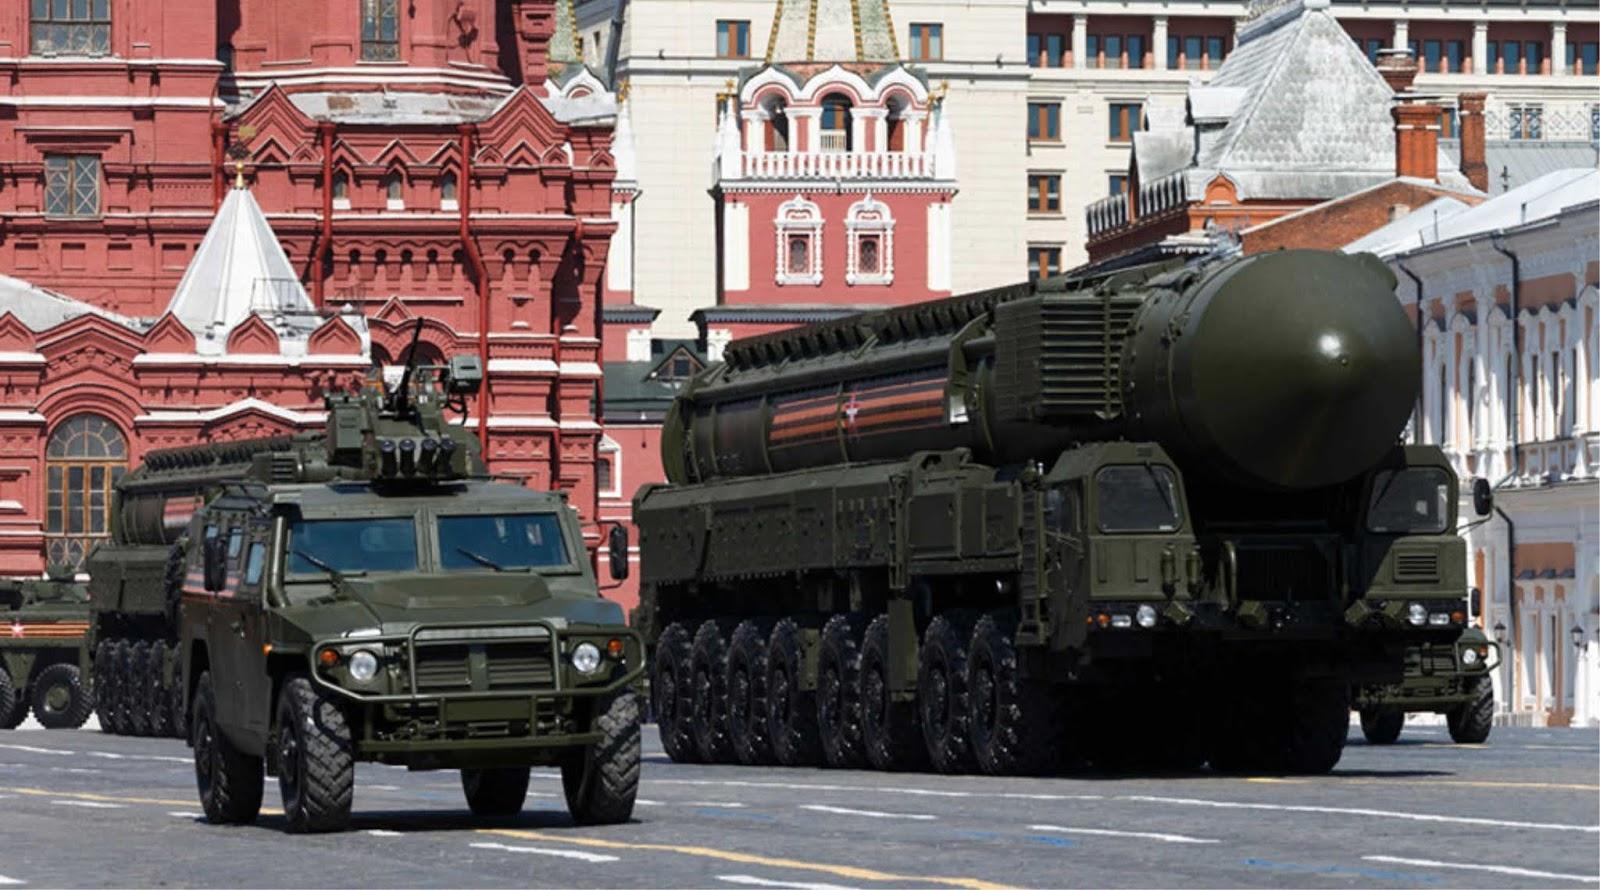 Pentagon meramalkan puncak kekuatan militer Rusia dan Cina